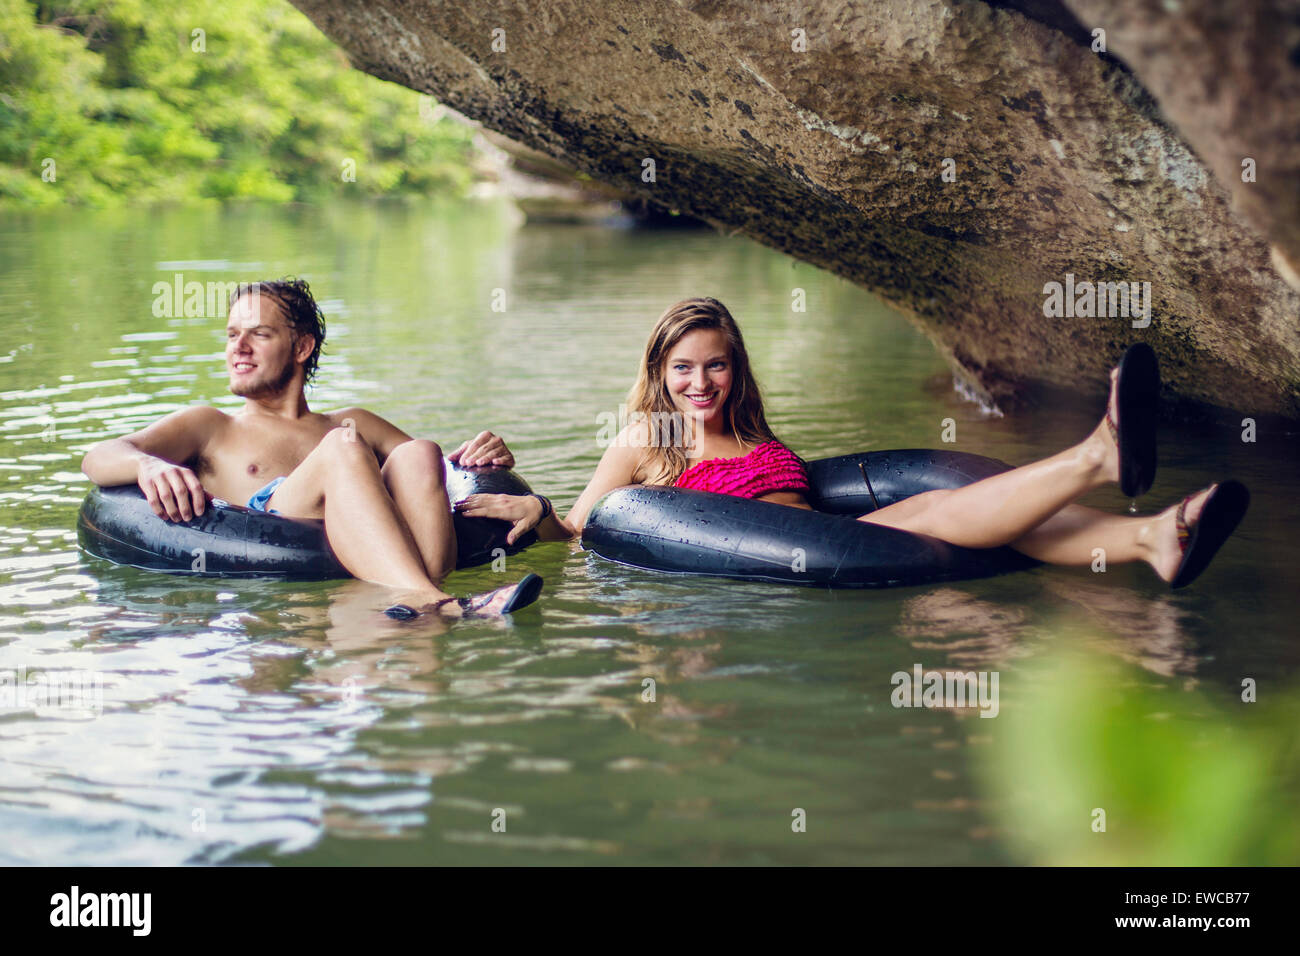 Una joven pareja tubos abajo de un río. Imagen De Stock